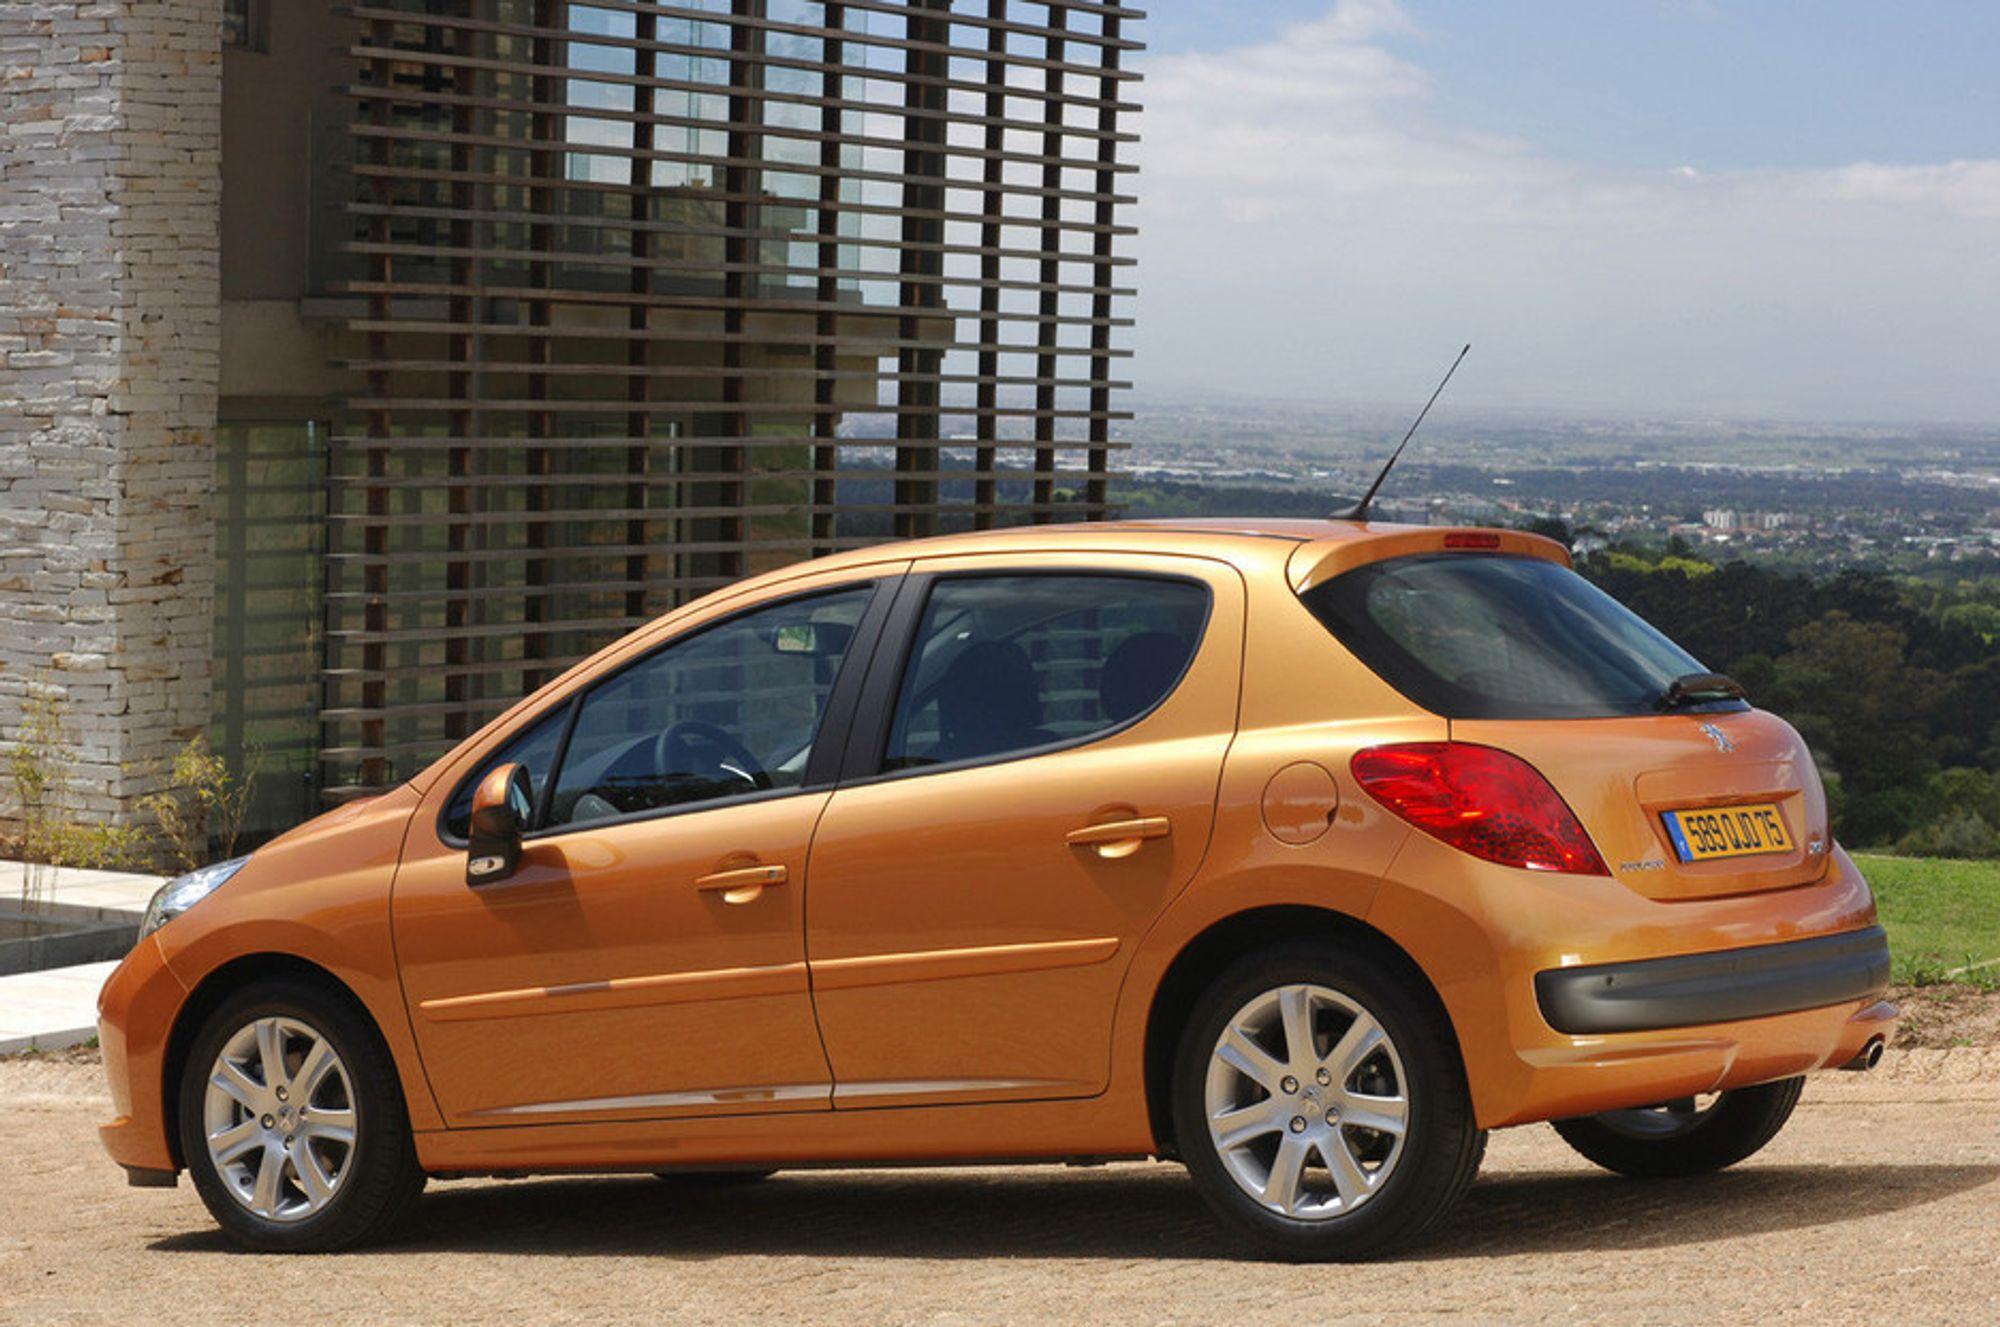 STØRRE: Nye Peugeot 207 har arvet forgjenger 206' kjøreegenskaper og forsterket dem ytterligere. Samtidig er det mer plass i kupe og bagasjerom.